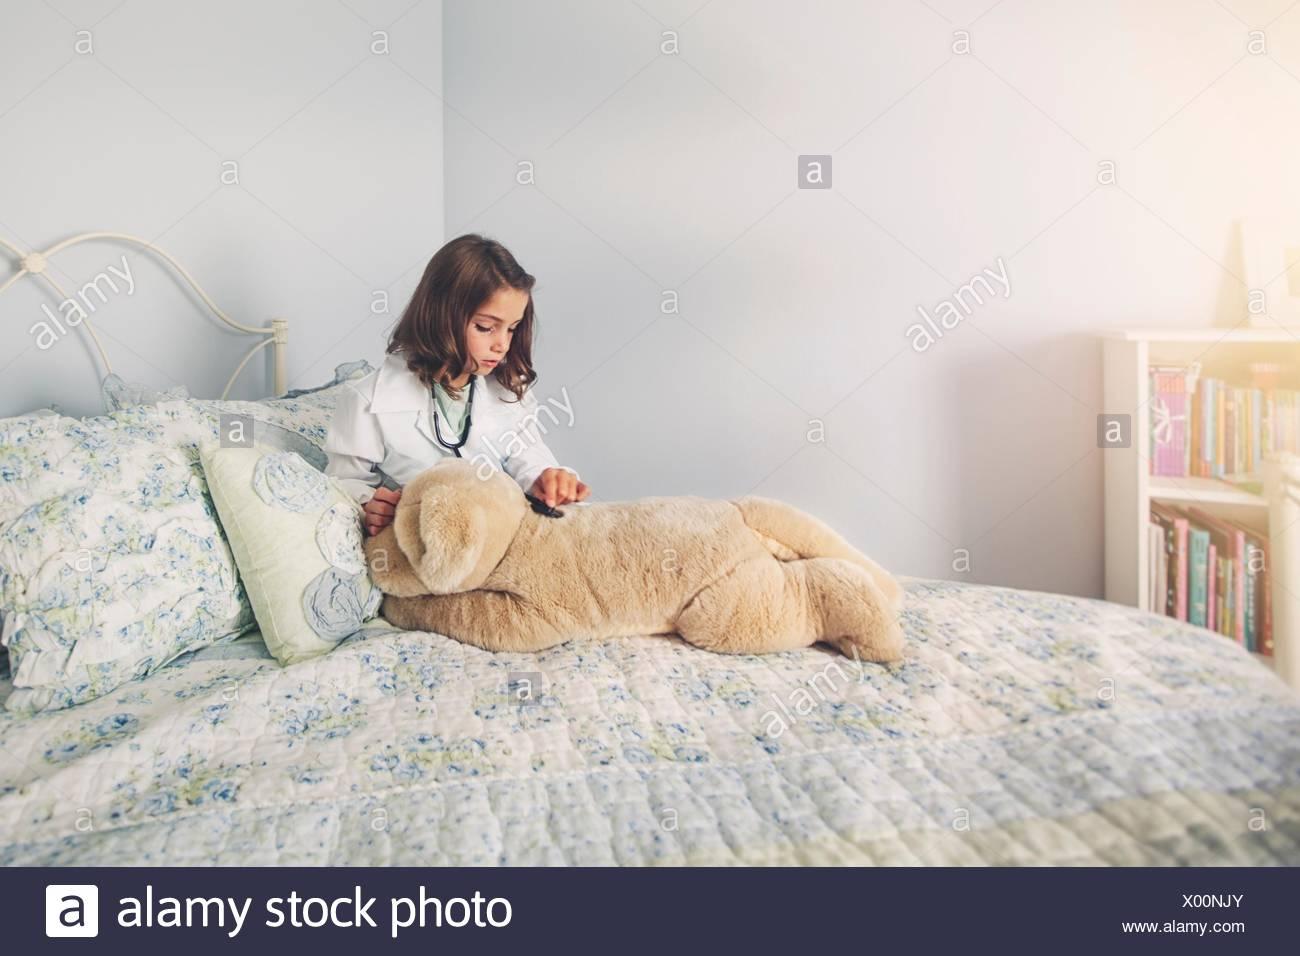 Ragazza vestita in su in camice seduta nel letto utilizzando uno stetoscopio sul giocattolo morbido Immagini Stock